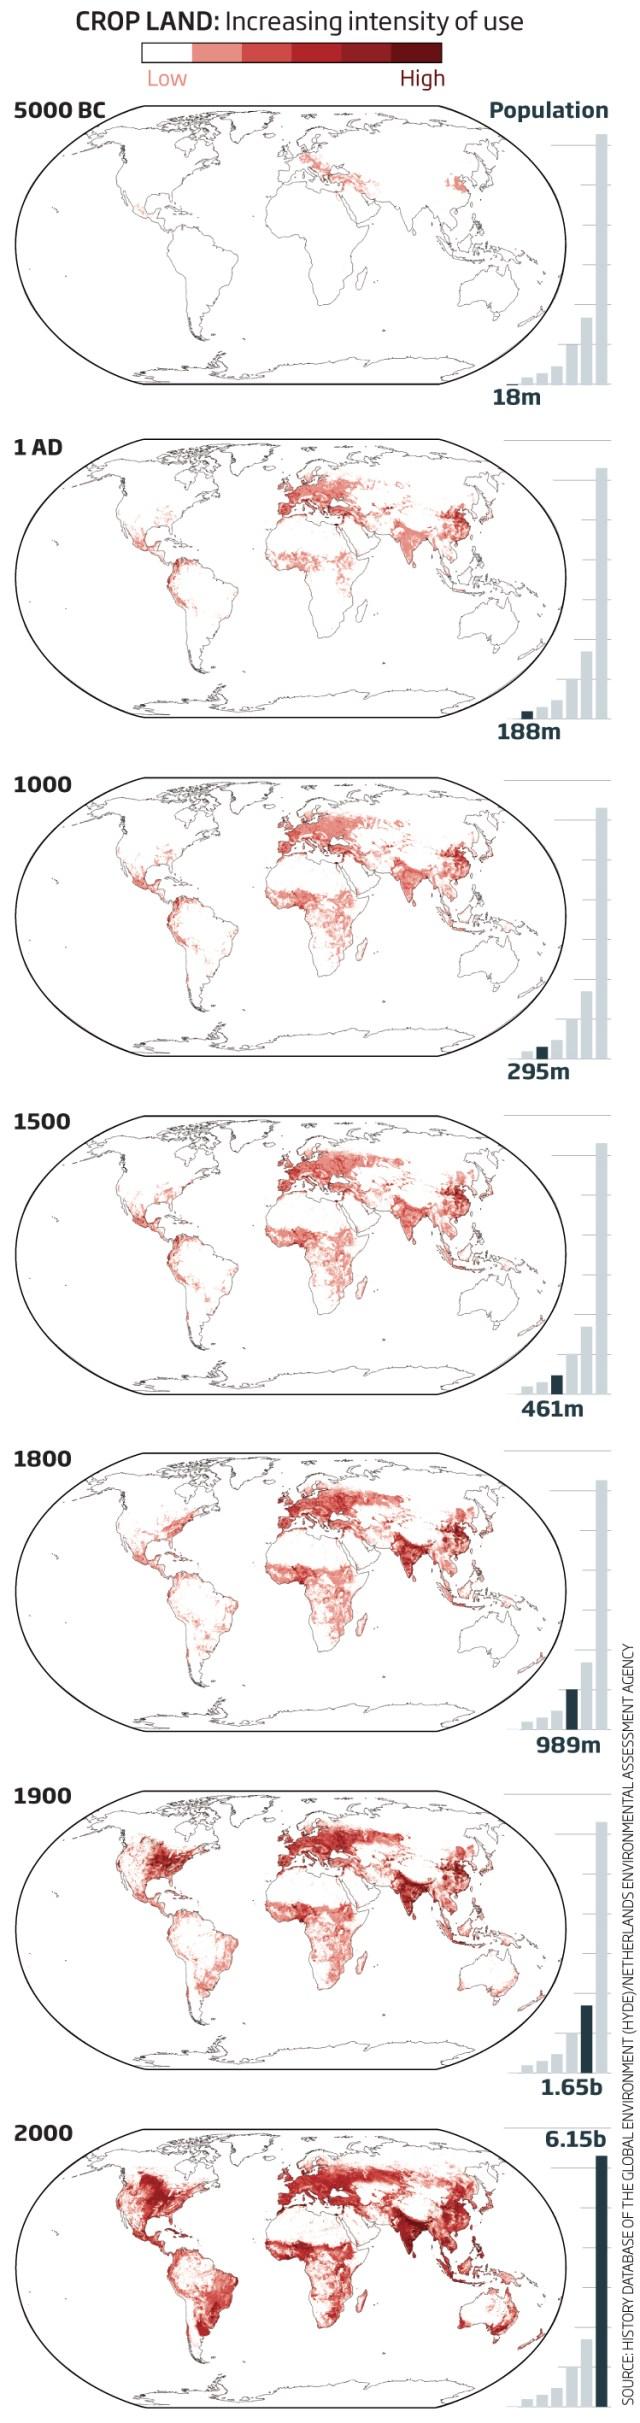 Pastureland increasing use 5000 BC to now